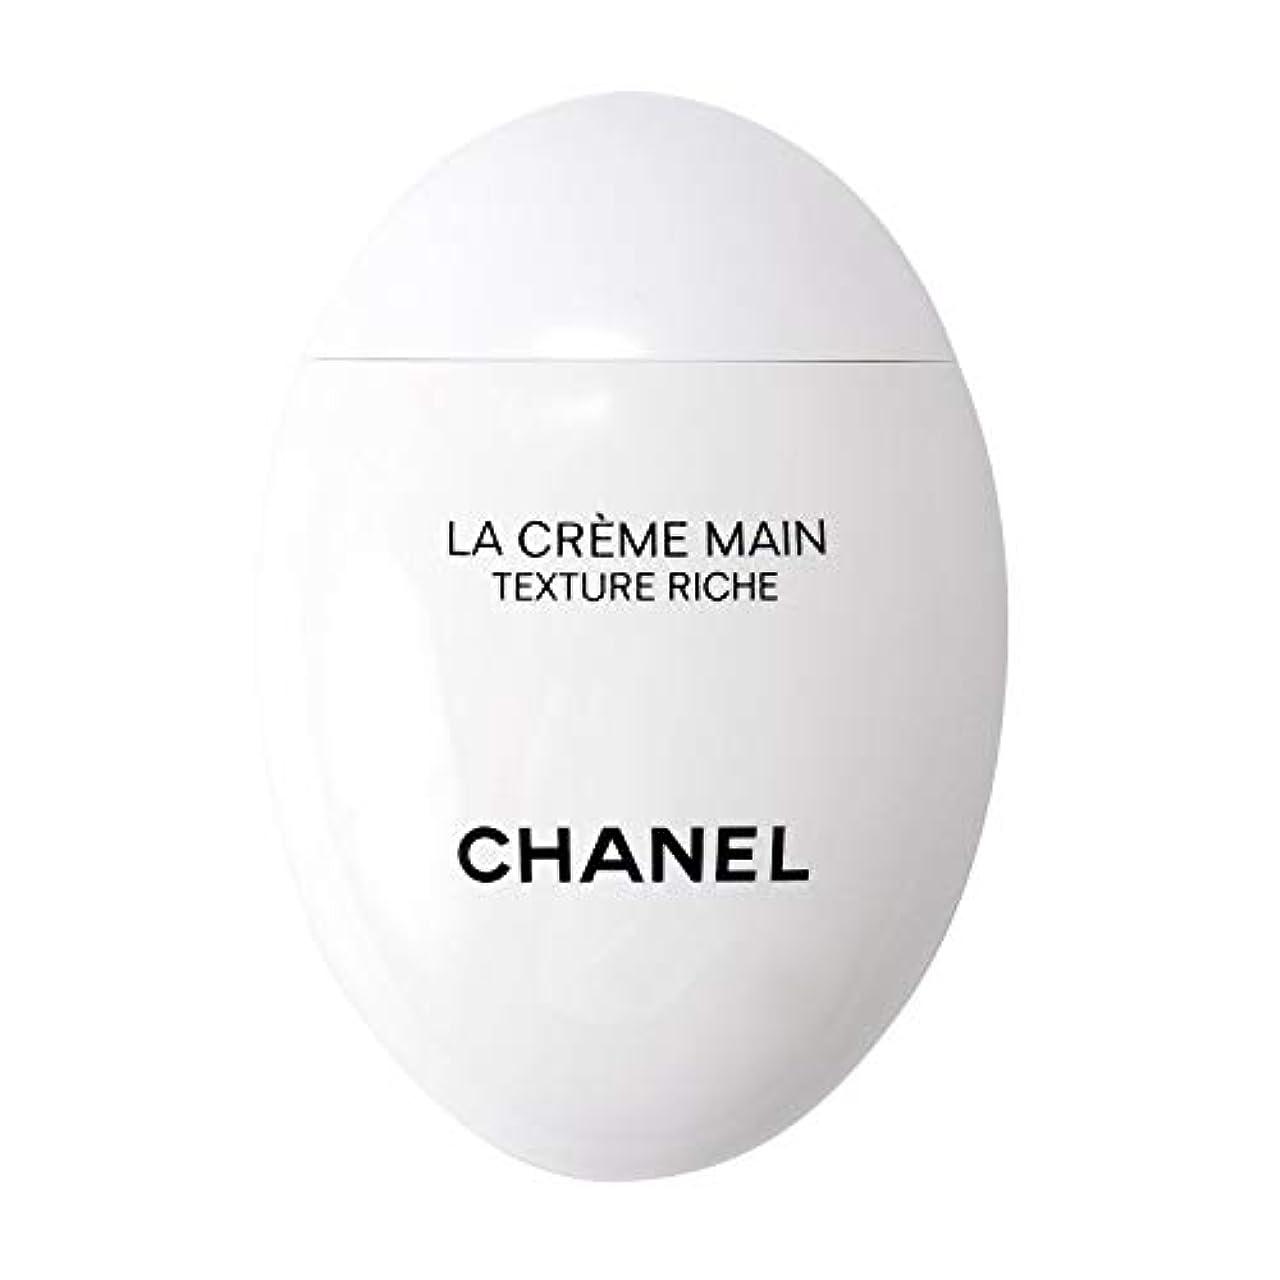 デザイナー確認してください記念品[ギフトラッピング] シャネル CHANEL ハンドクリーム 50ml ラ クレーム マン ショップバッグ付き (50ml)